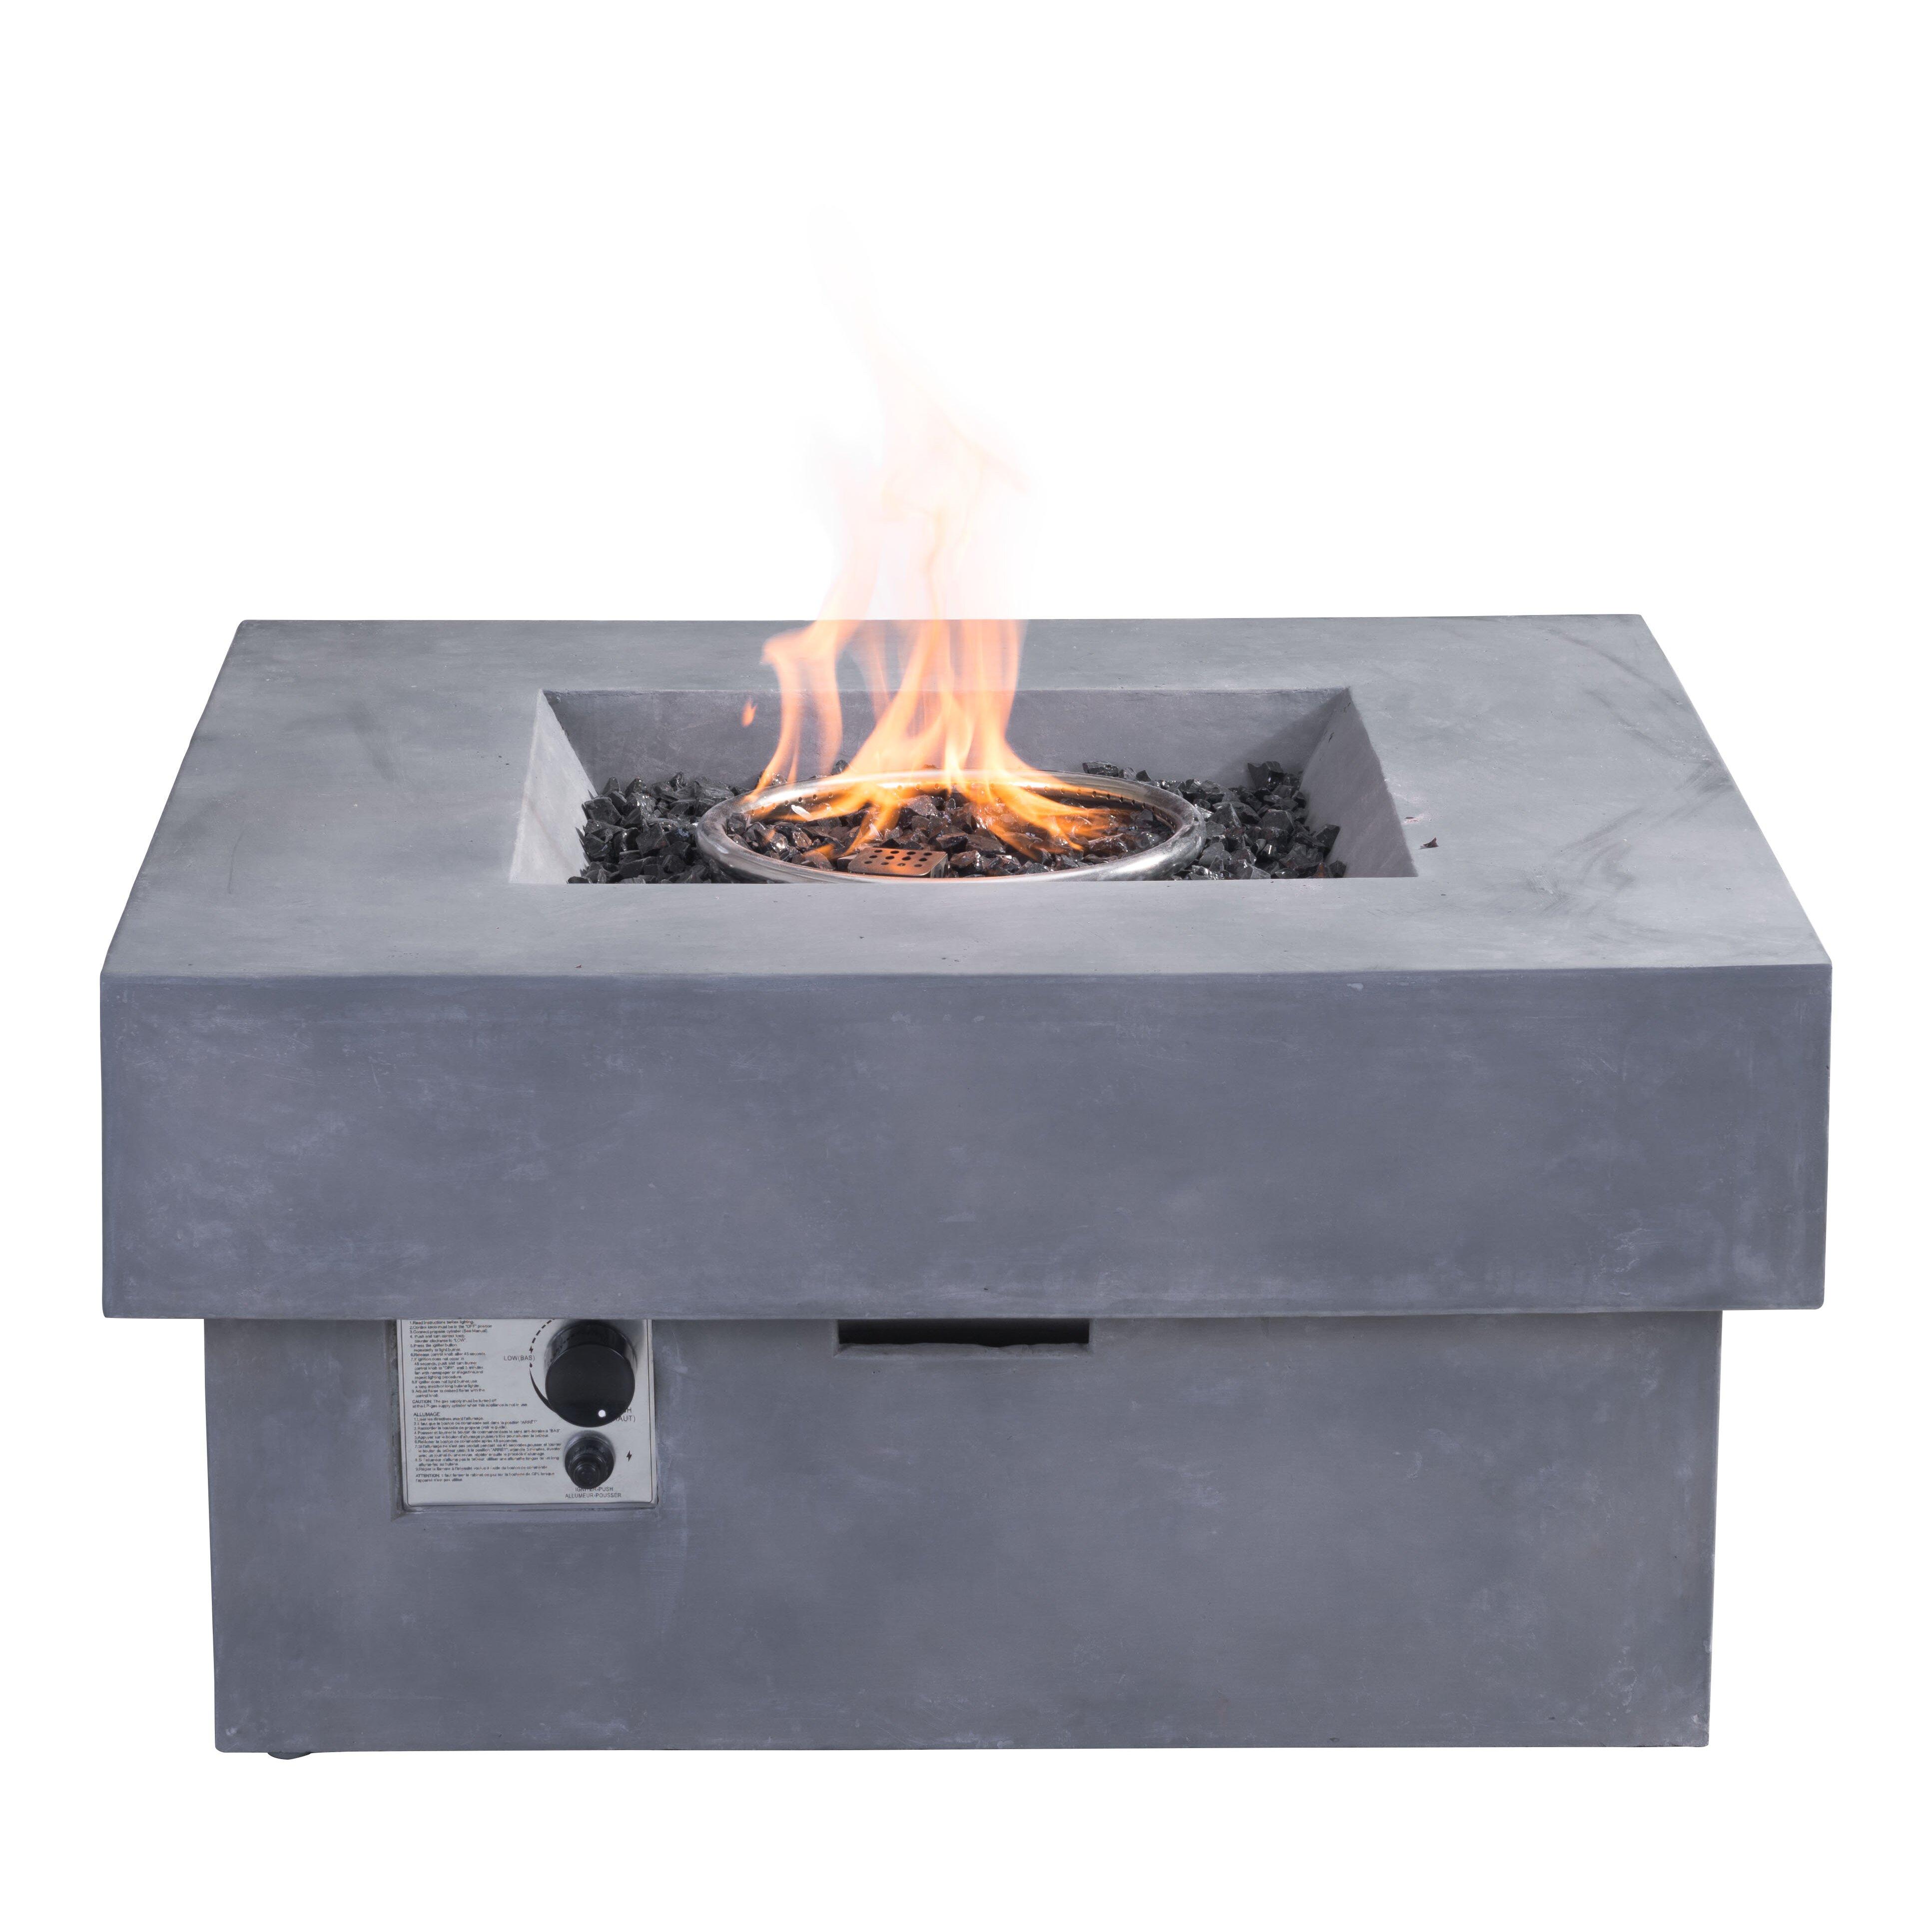 dcor design concrete fibre propane fire pit table reviews. Black Bedroom Furniture Sets. Home Design Ideas